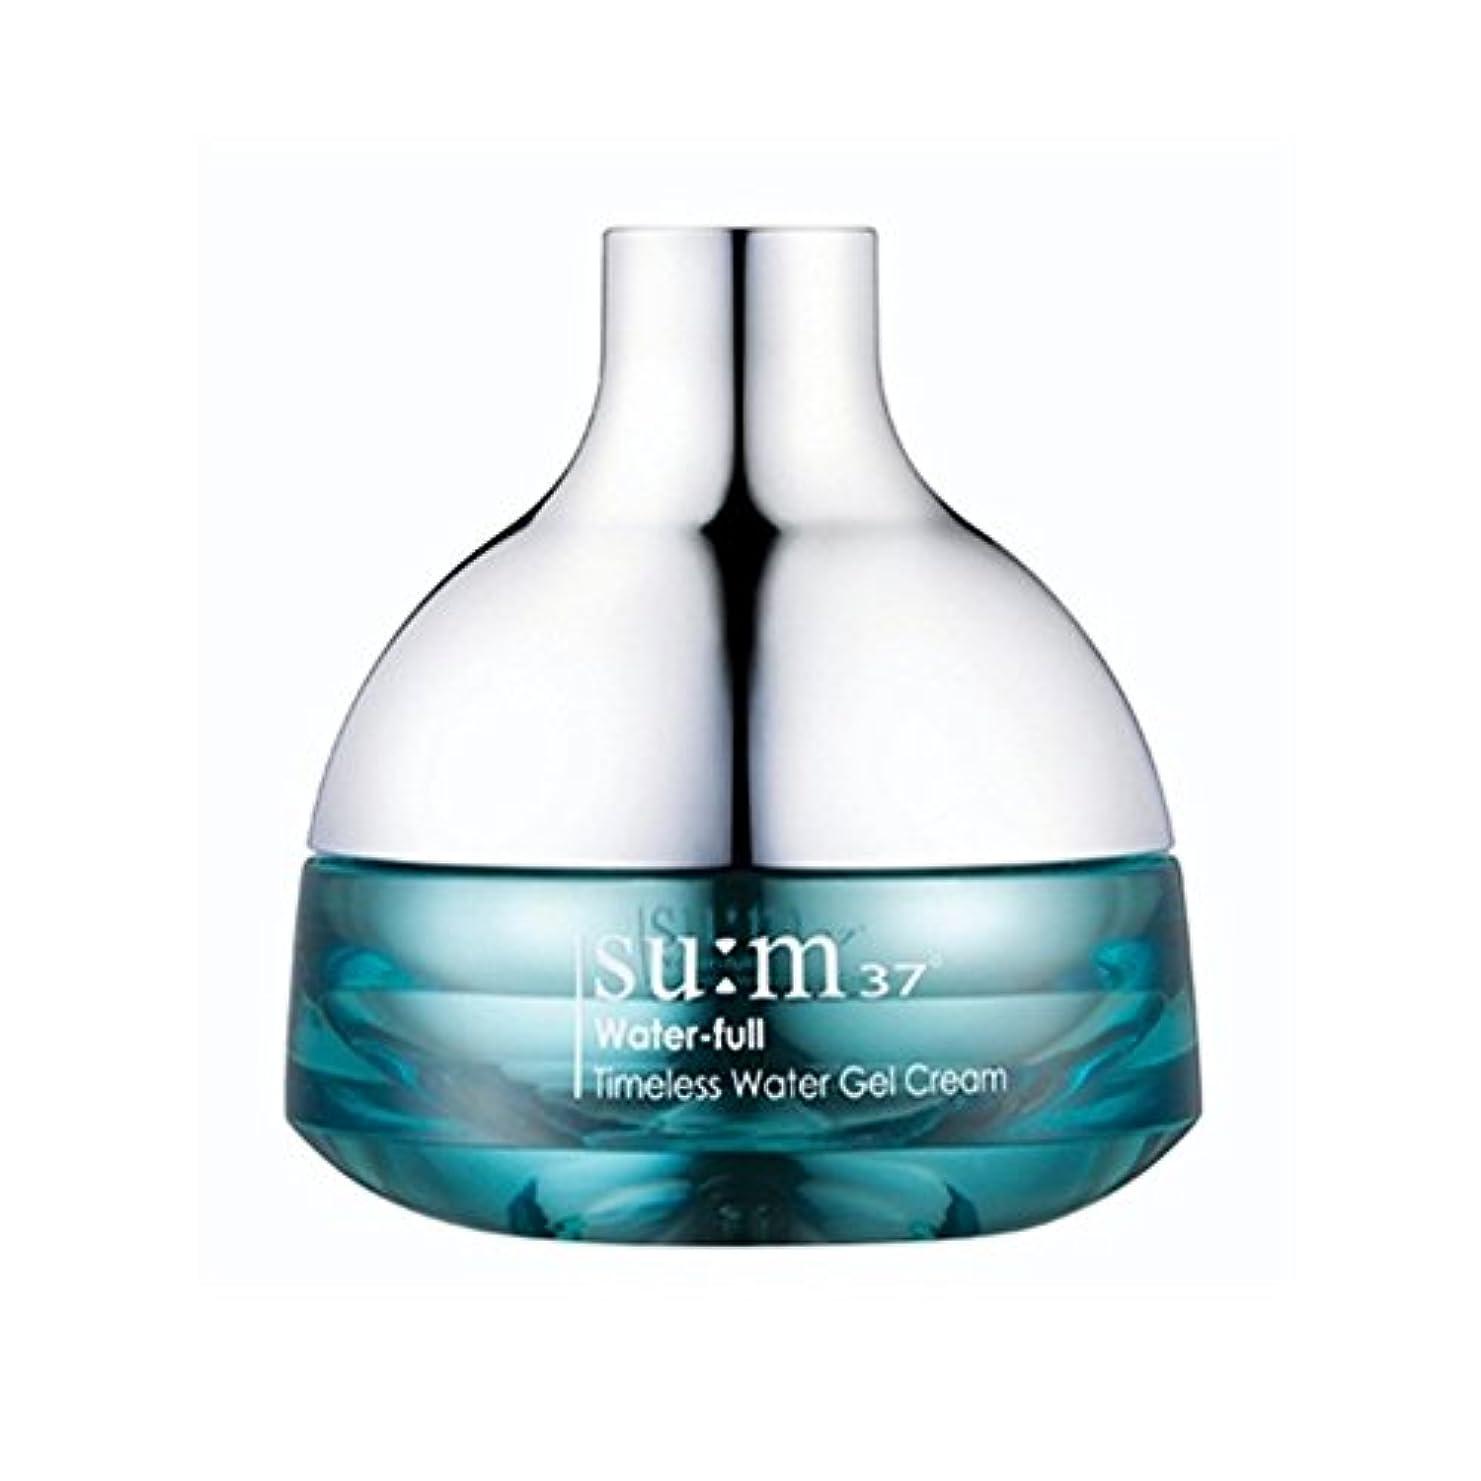 声を出してストライプ混乱した[su:m37/スム37°] SUM37 Water-full Timeless Water Gel Cream 50ml/WF07 sum37 ウォータフル タイムレス ウォータージェルクリーム 50ml +[Sample...